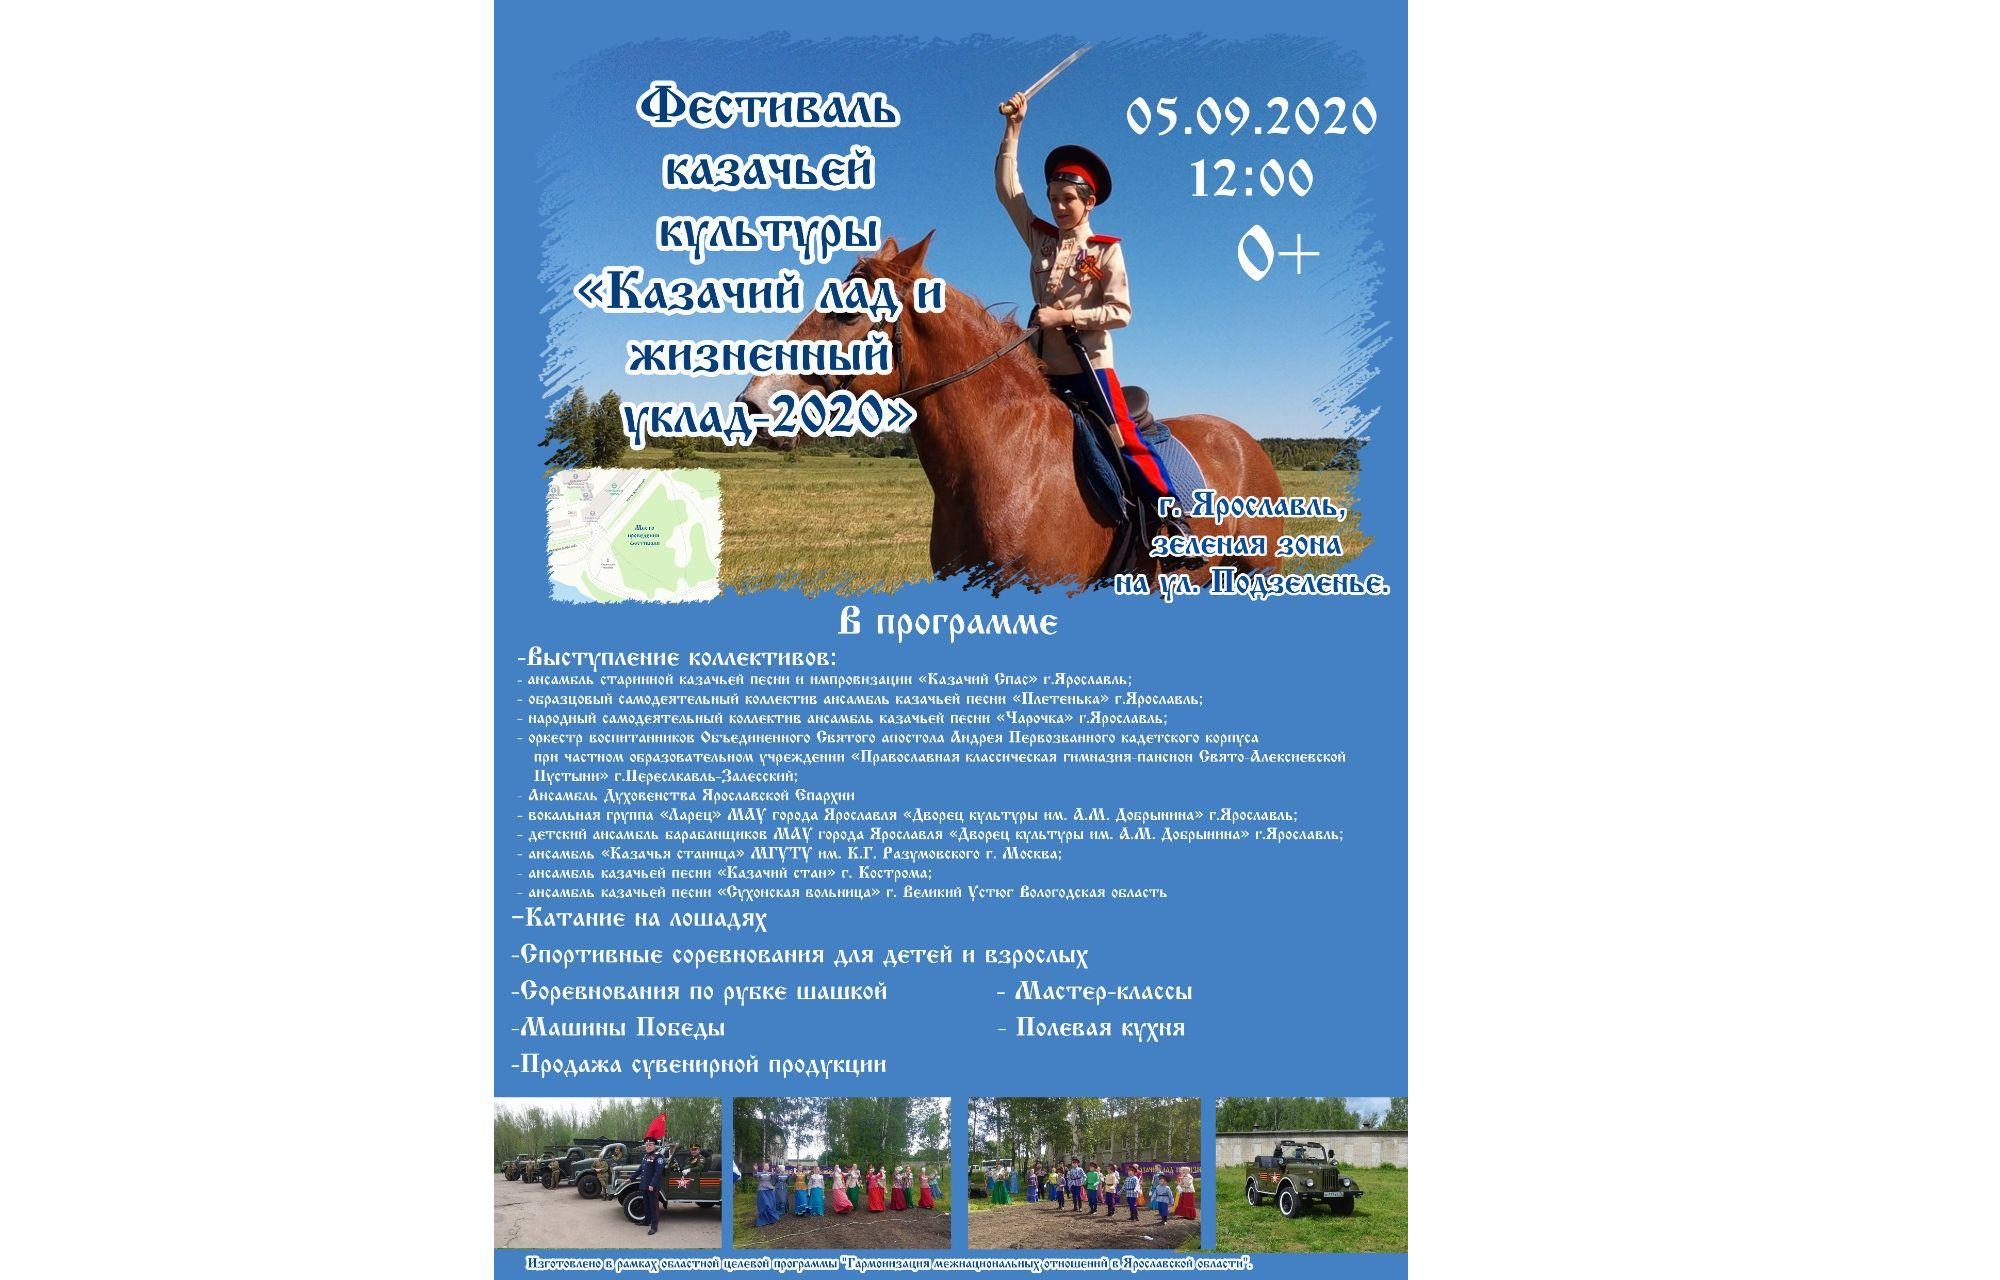 Песни, соревнования и мастер-классы: в Ярославле пройдет фестиваль казачьей культуры